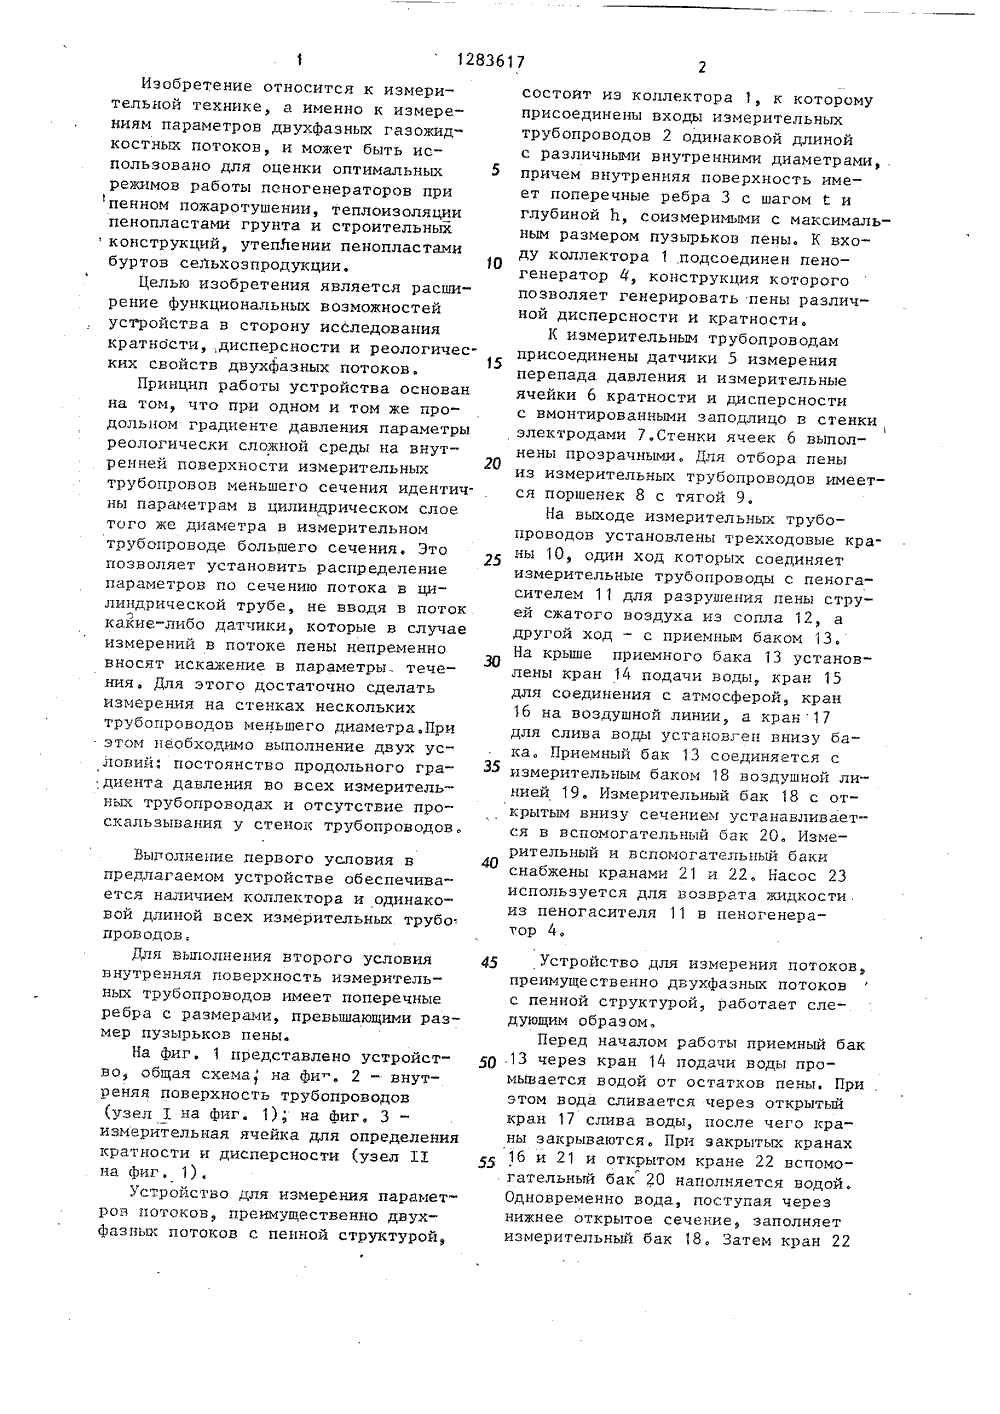 СГ - ЭКВз - Р - 0,75 - 160/1,6 (1:50) слева